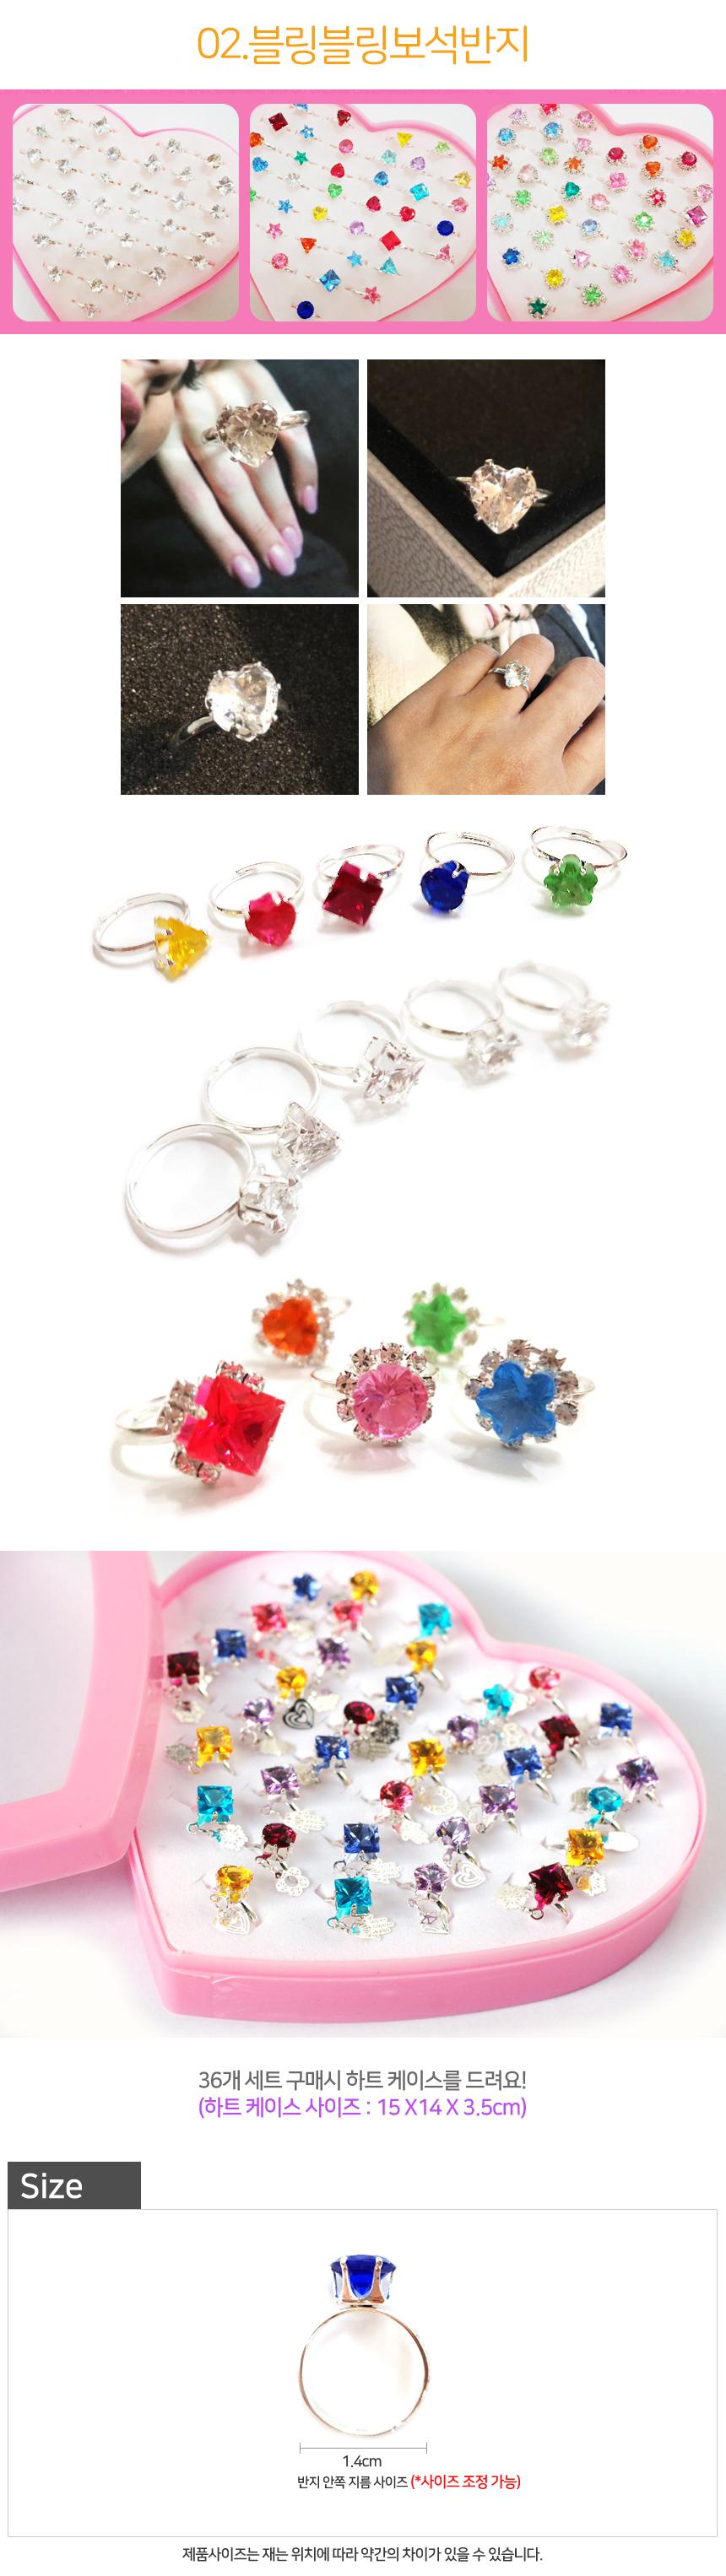 accessories_02.jpg